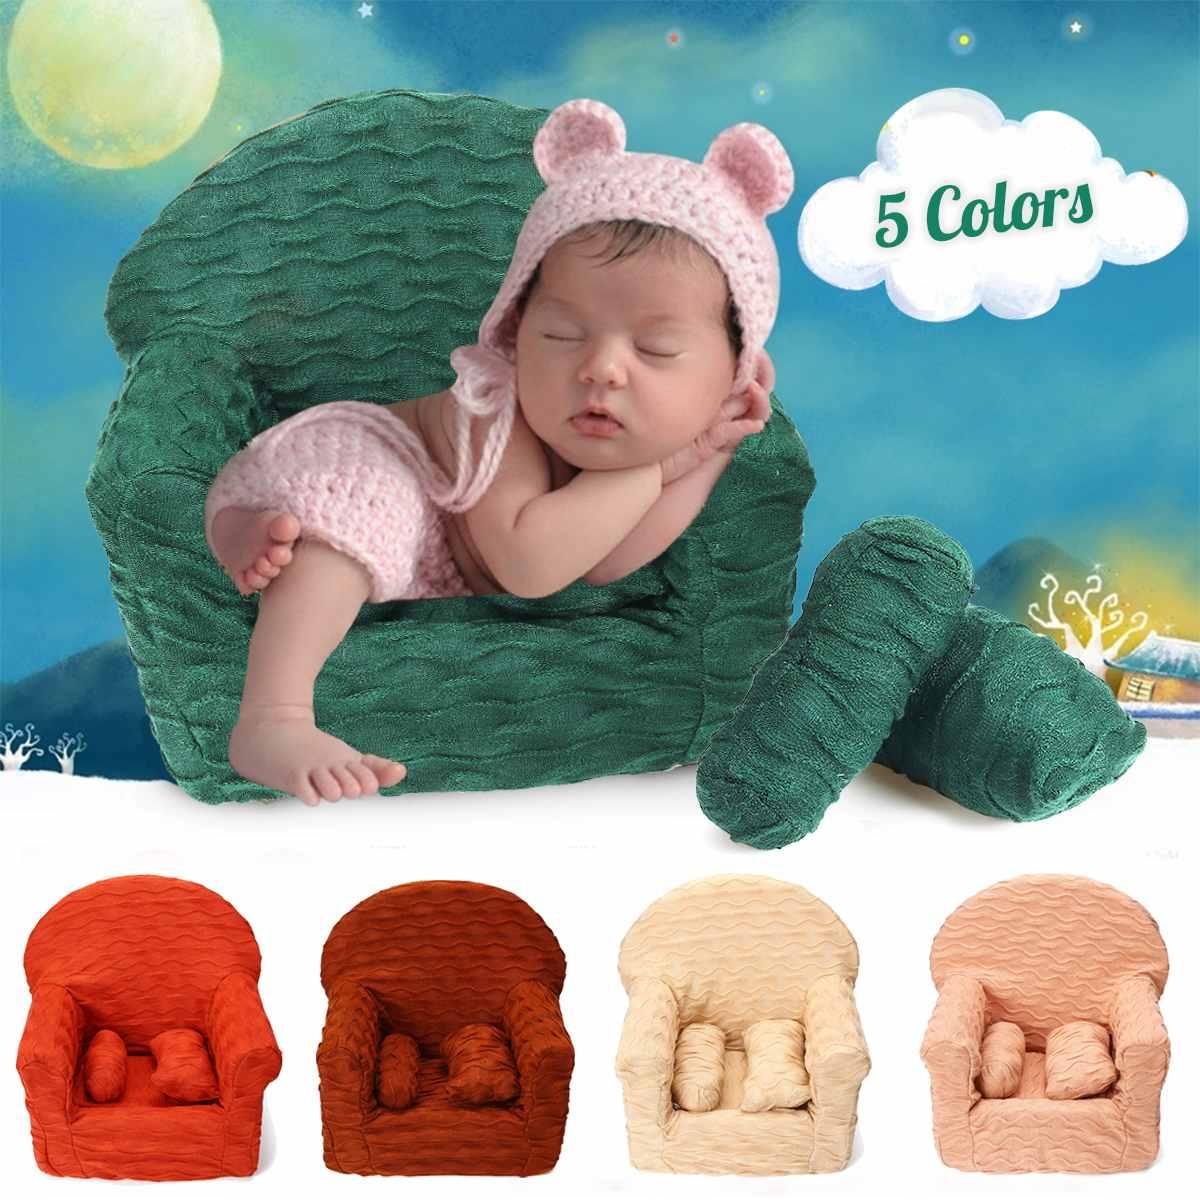 Kinder Neugeborenen Fotografie Requisiten Posiert Baby Foto